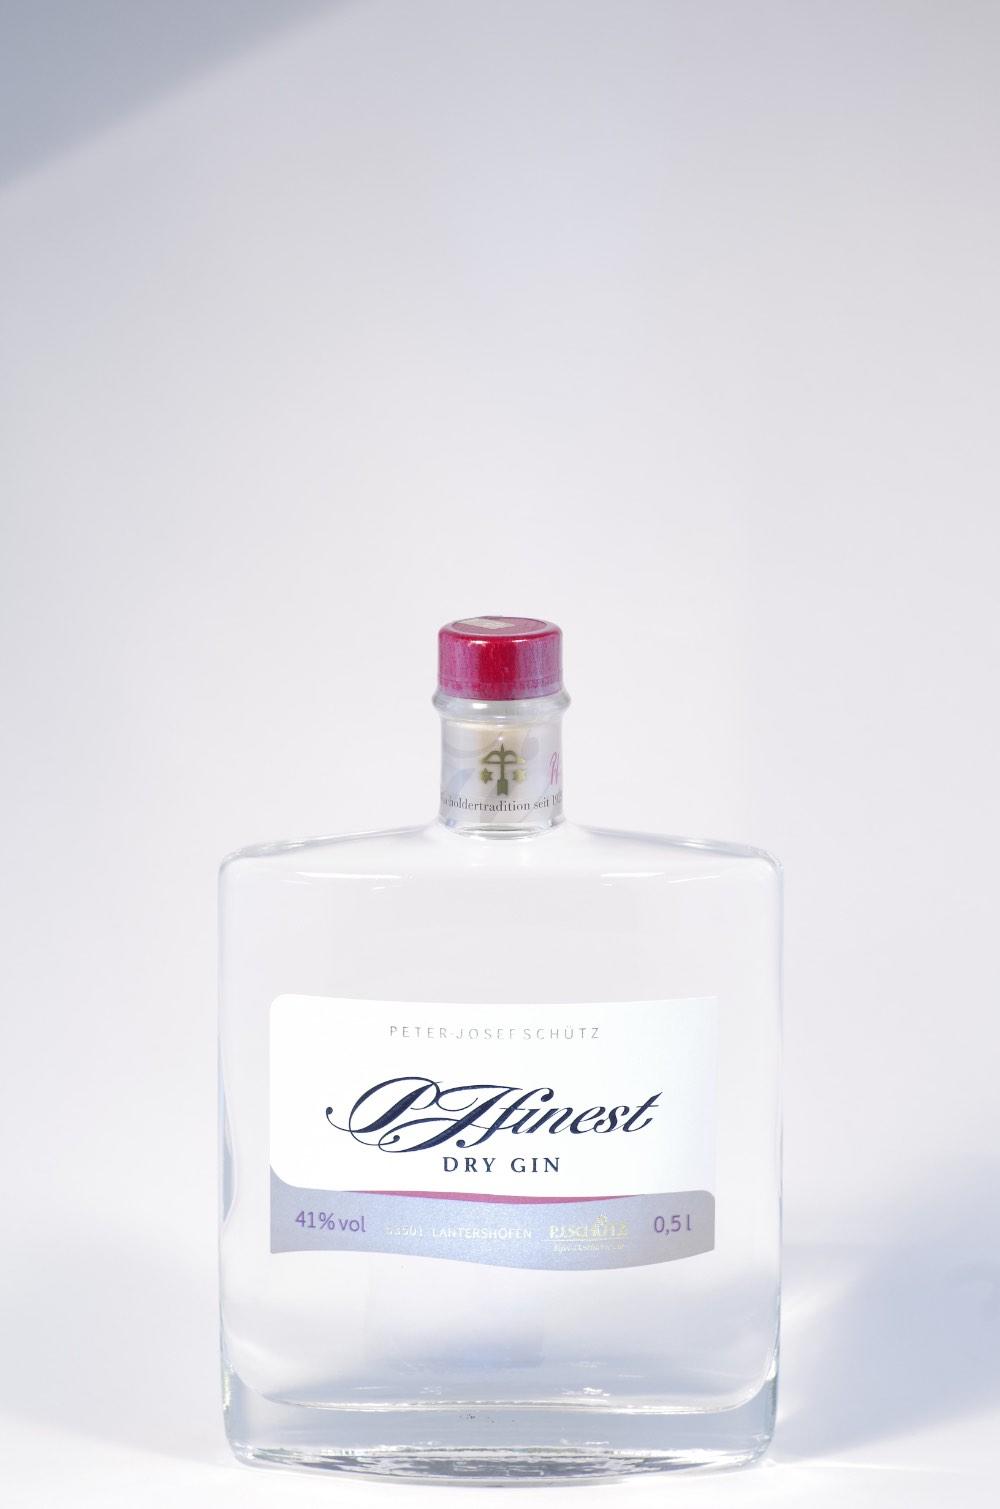 pjfinest dry gin kaufen eifel destillerie pj sch tz im. Black Bedroom Furniture Sets. Home Design Ideas